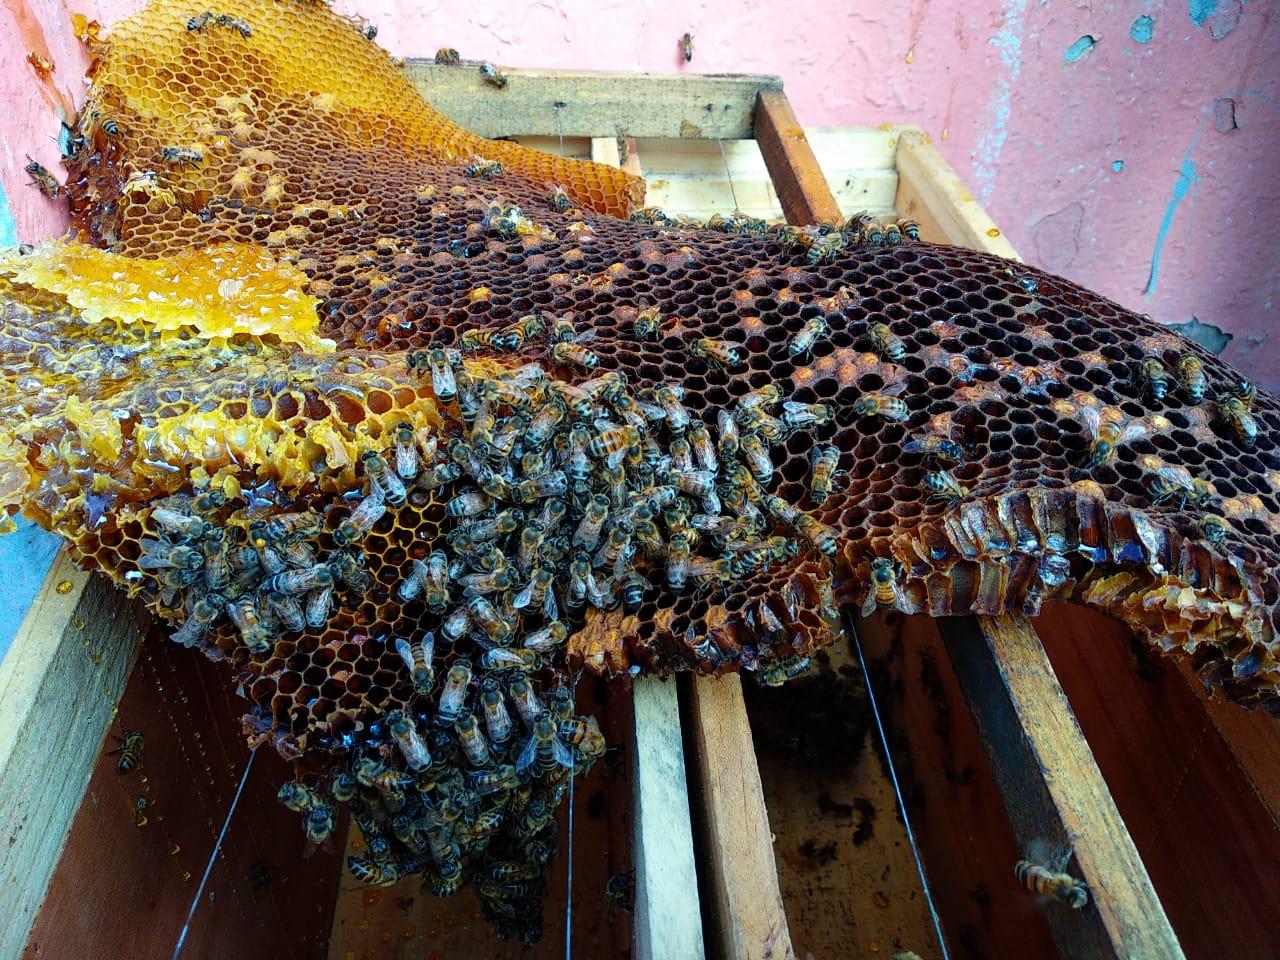 Las mieles ocultas en la CDMX: ¿cómo es el rescate de abejas?